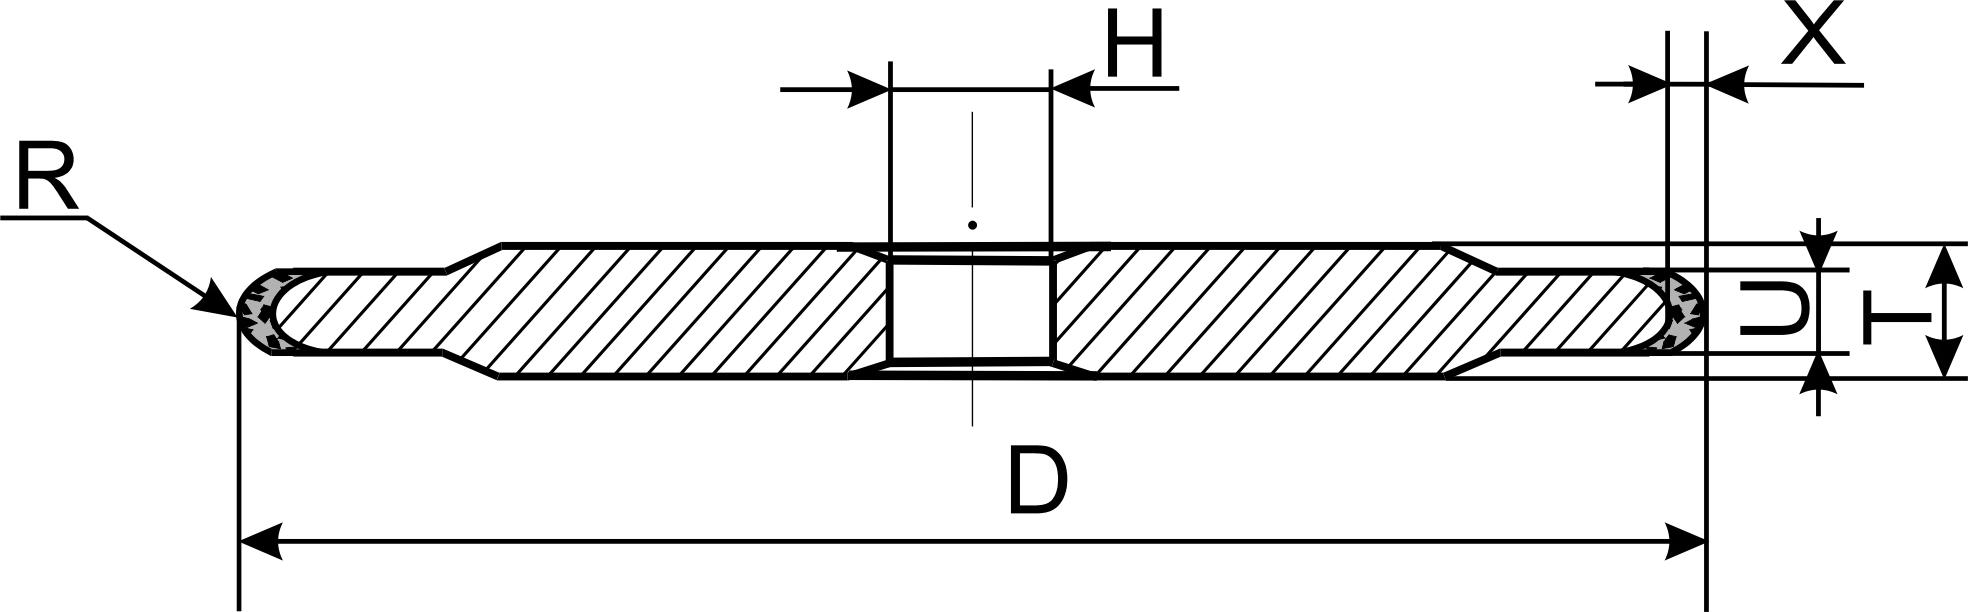 14FF1. CBN Круги шлифовальные плоские